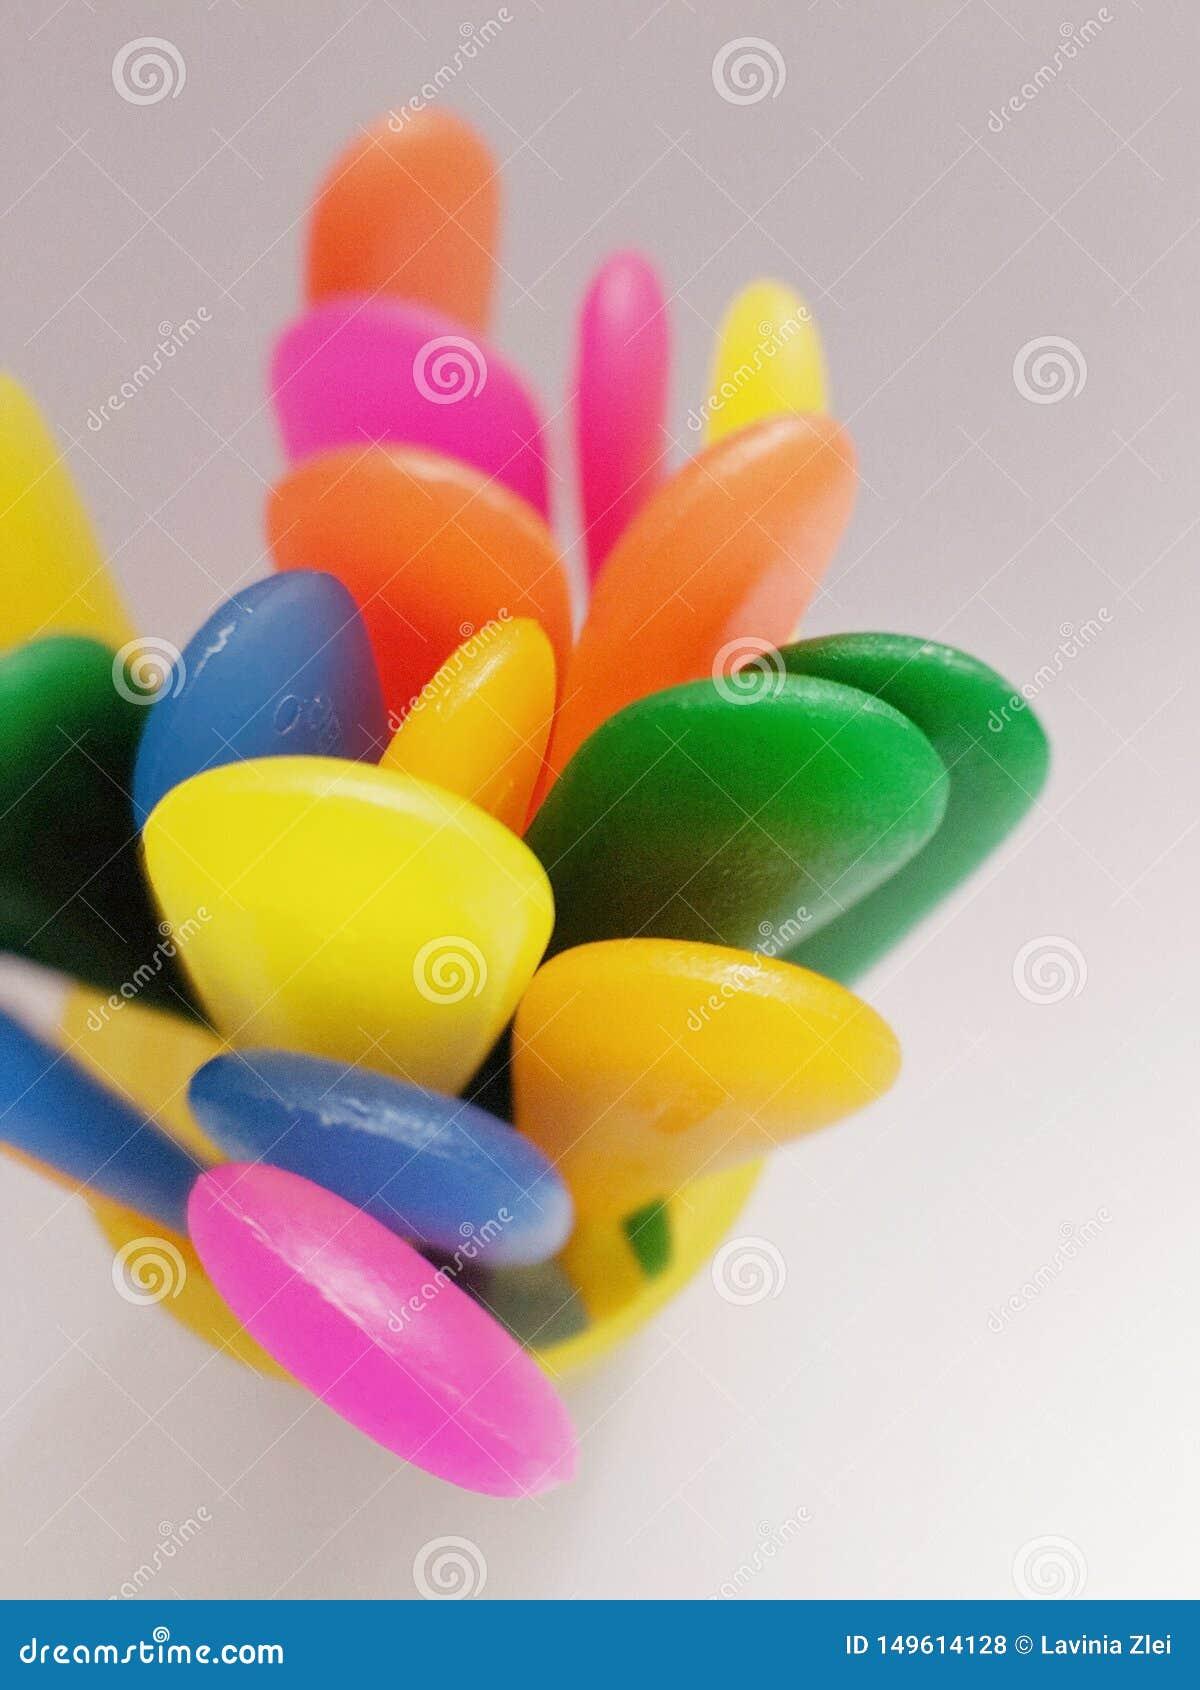 Vaatwerkstaarten - plastic regenboog